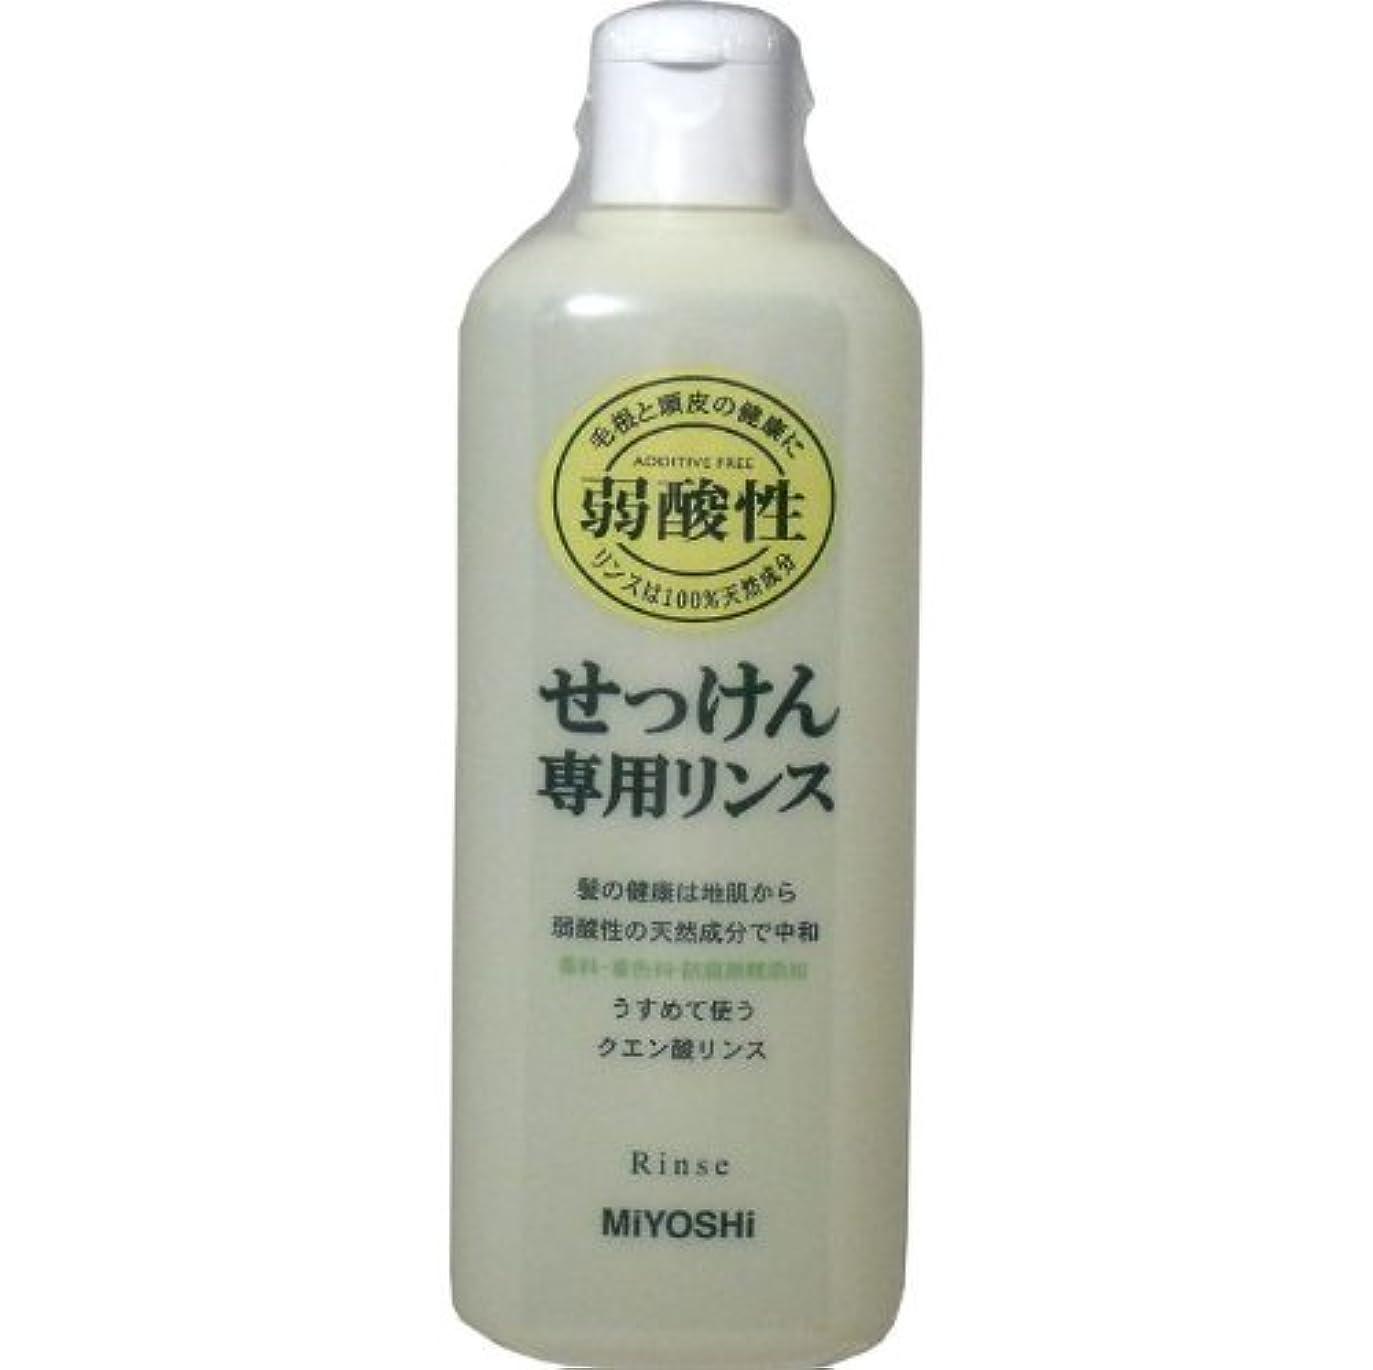 追加シネウィ不幸髪の健康は地肌から、弱酸性の天然成分で中和!!香料、防腐剤、着色料無添加!うすめて使うクエン酸リンス!リンス 350mL